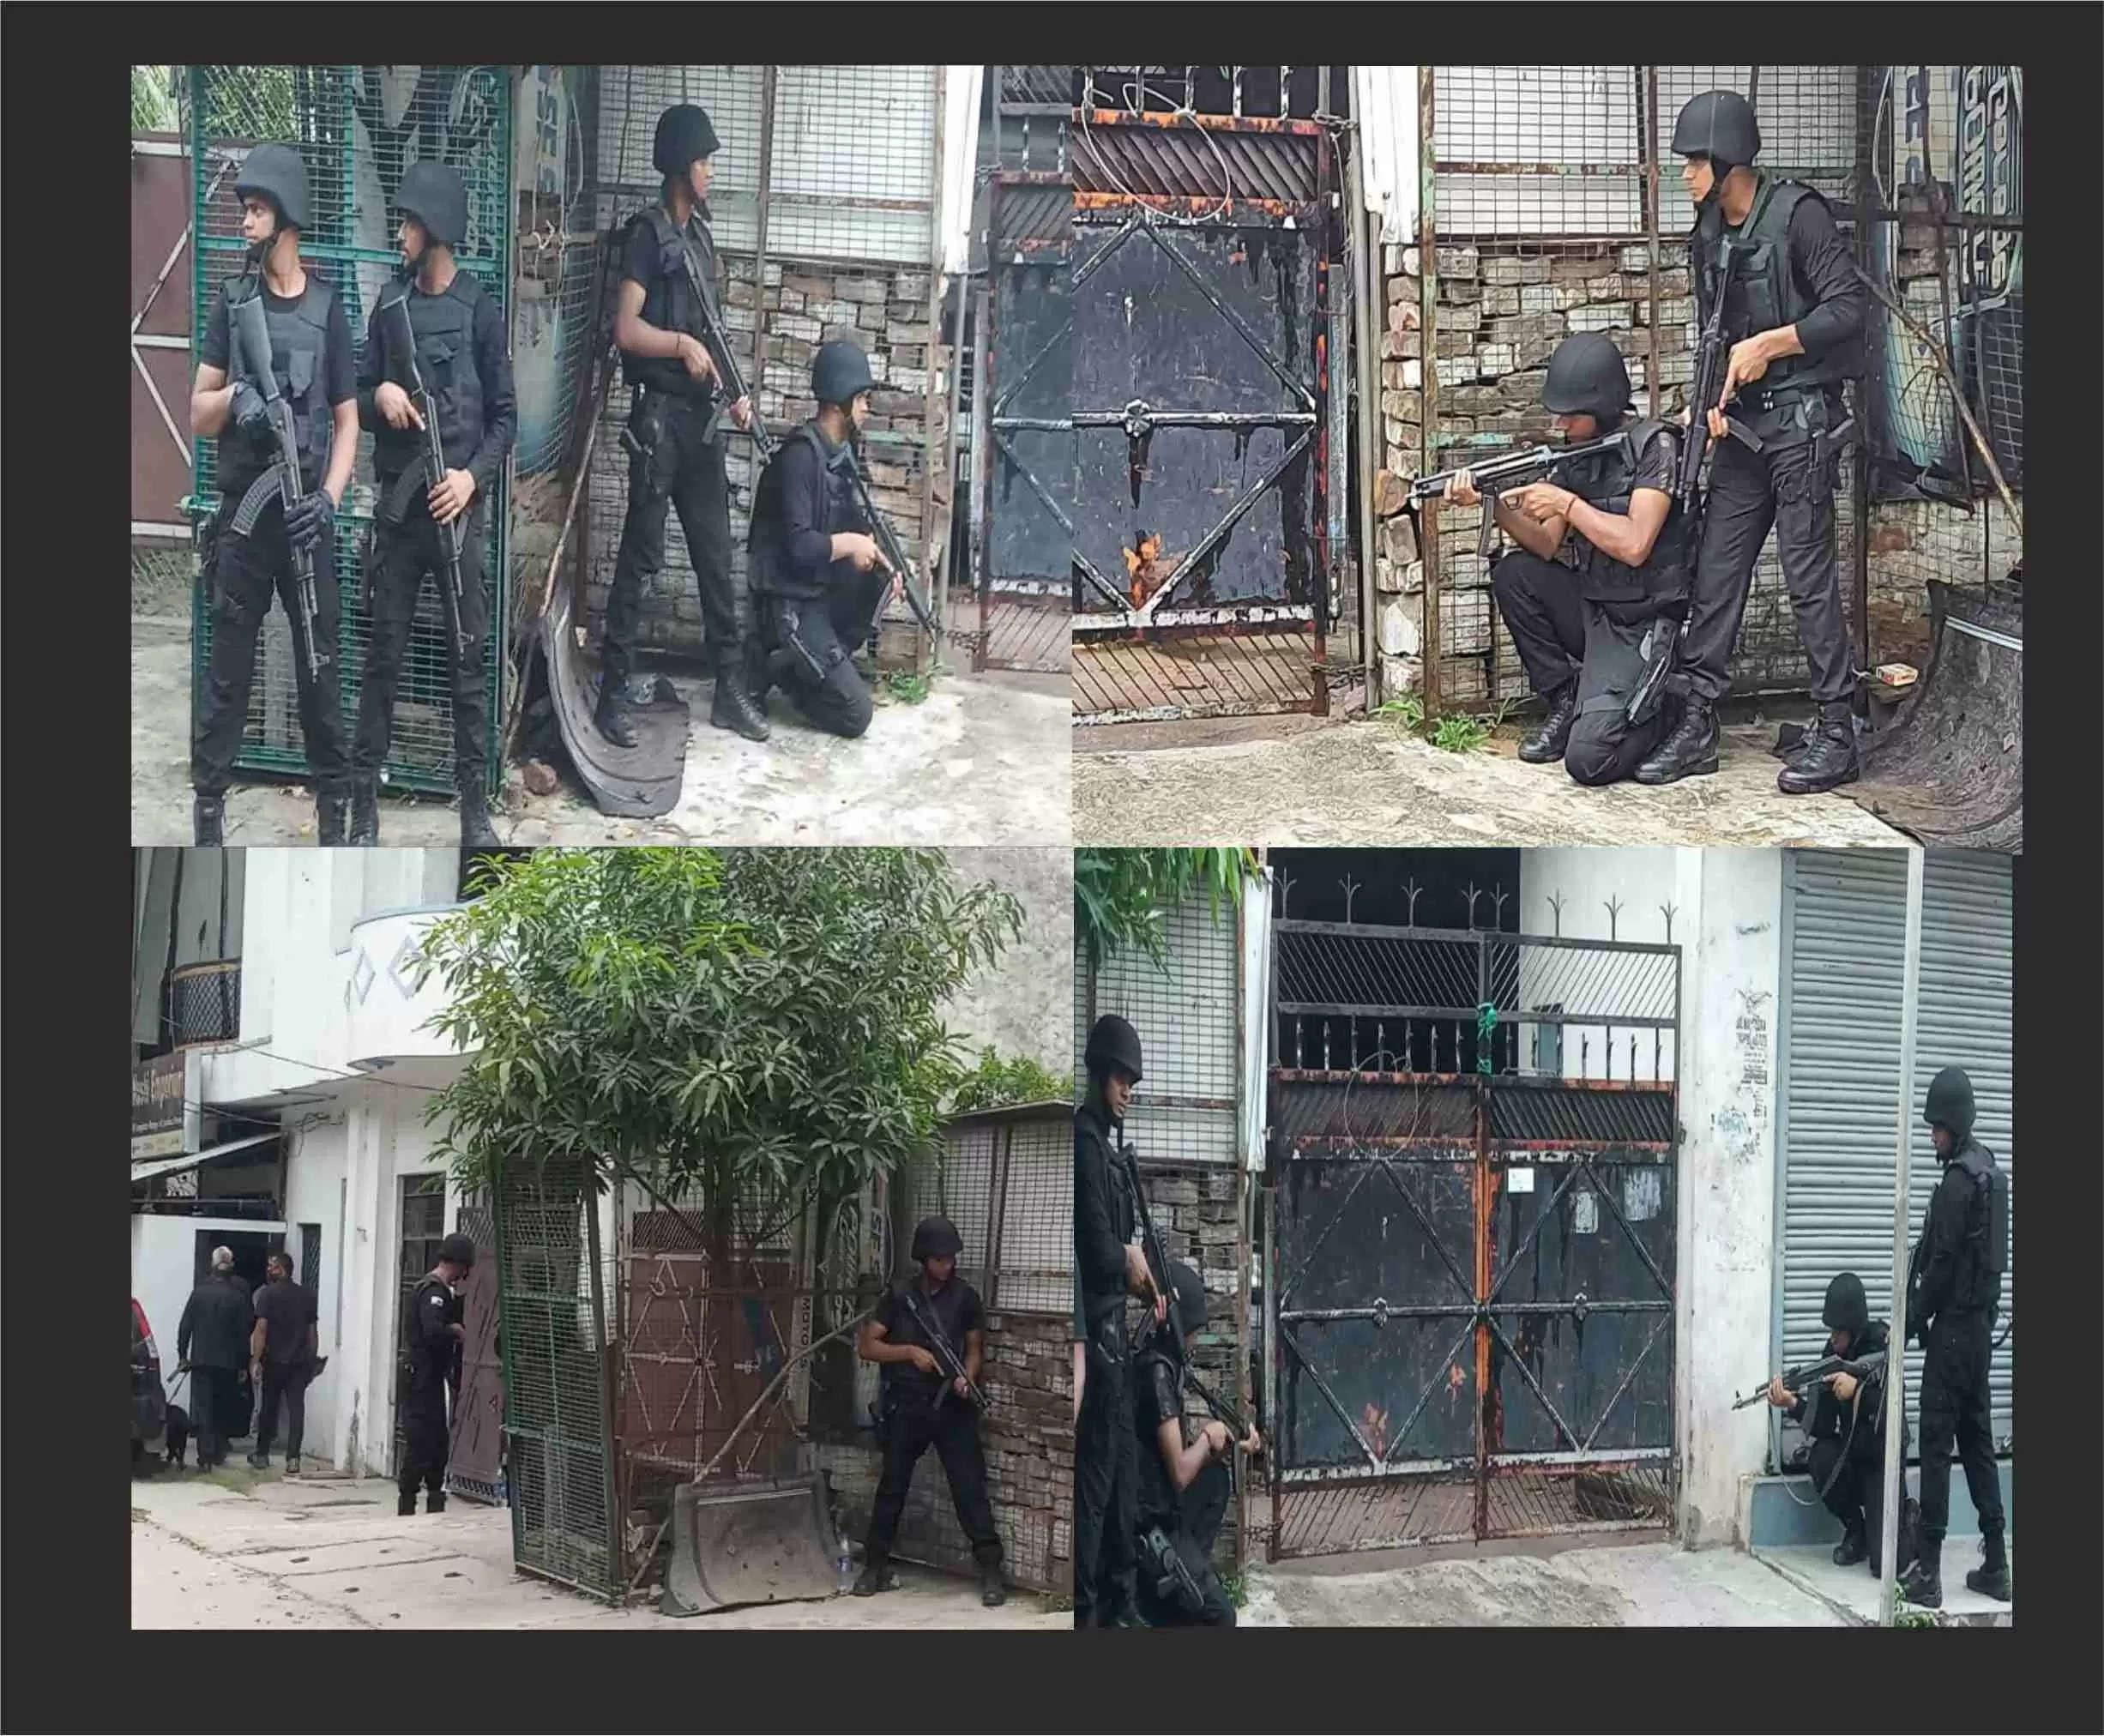 ABHI-ABHI : ATS ने काकोरी के एक मकान से अलकायदा के दो आतंकियों को कियागिरफ्तार